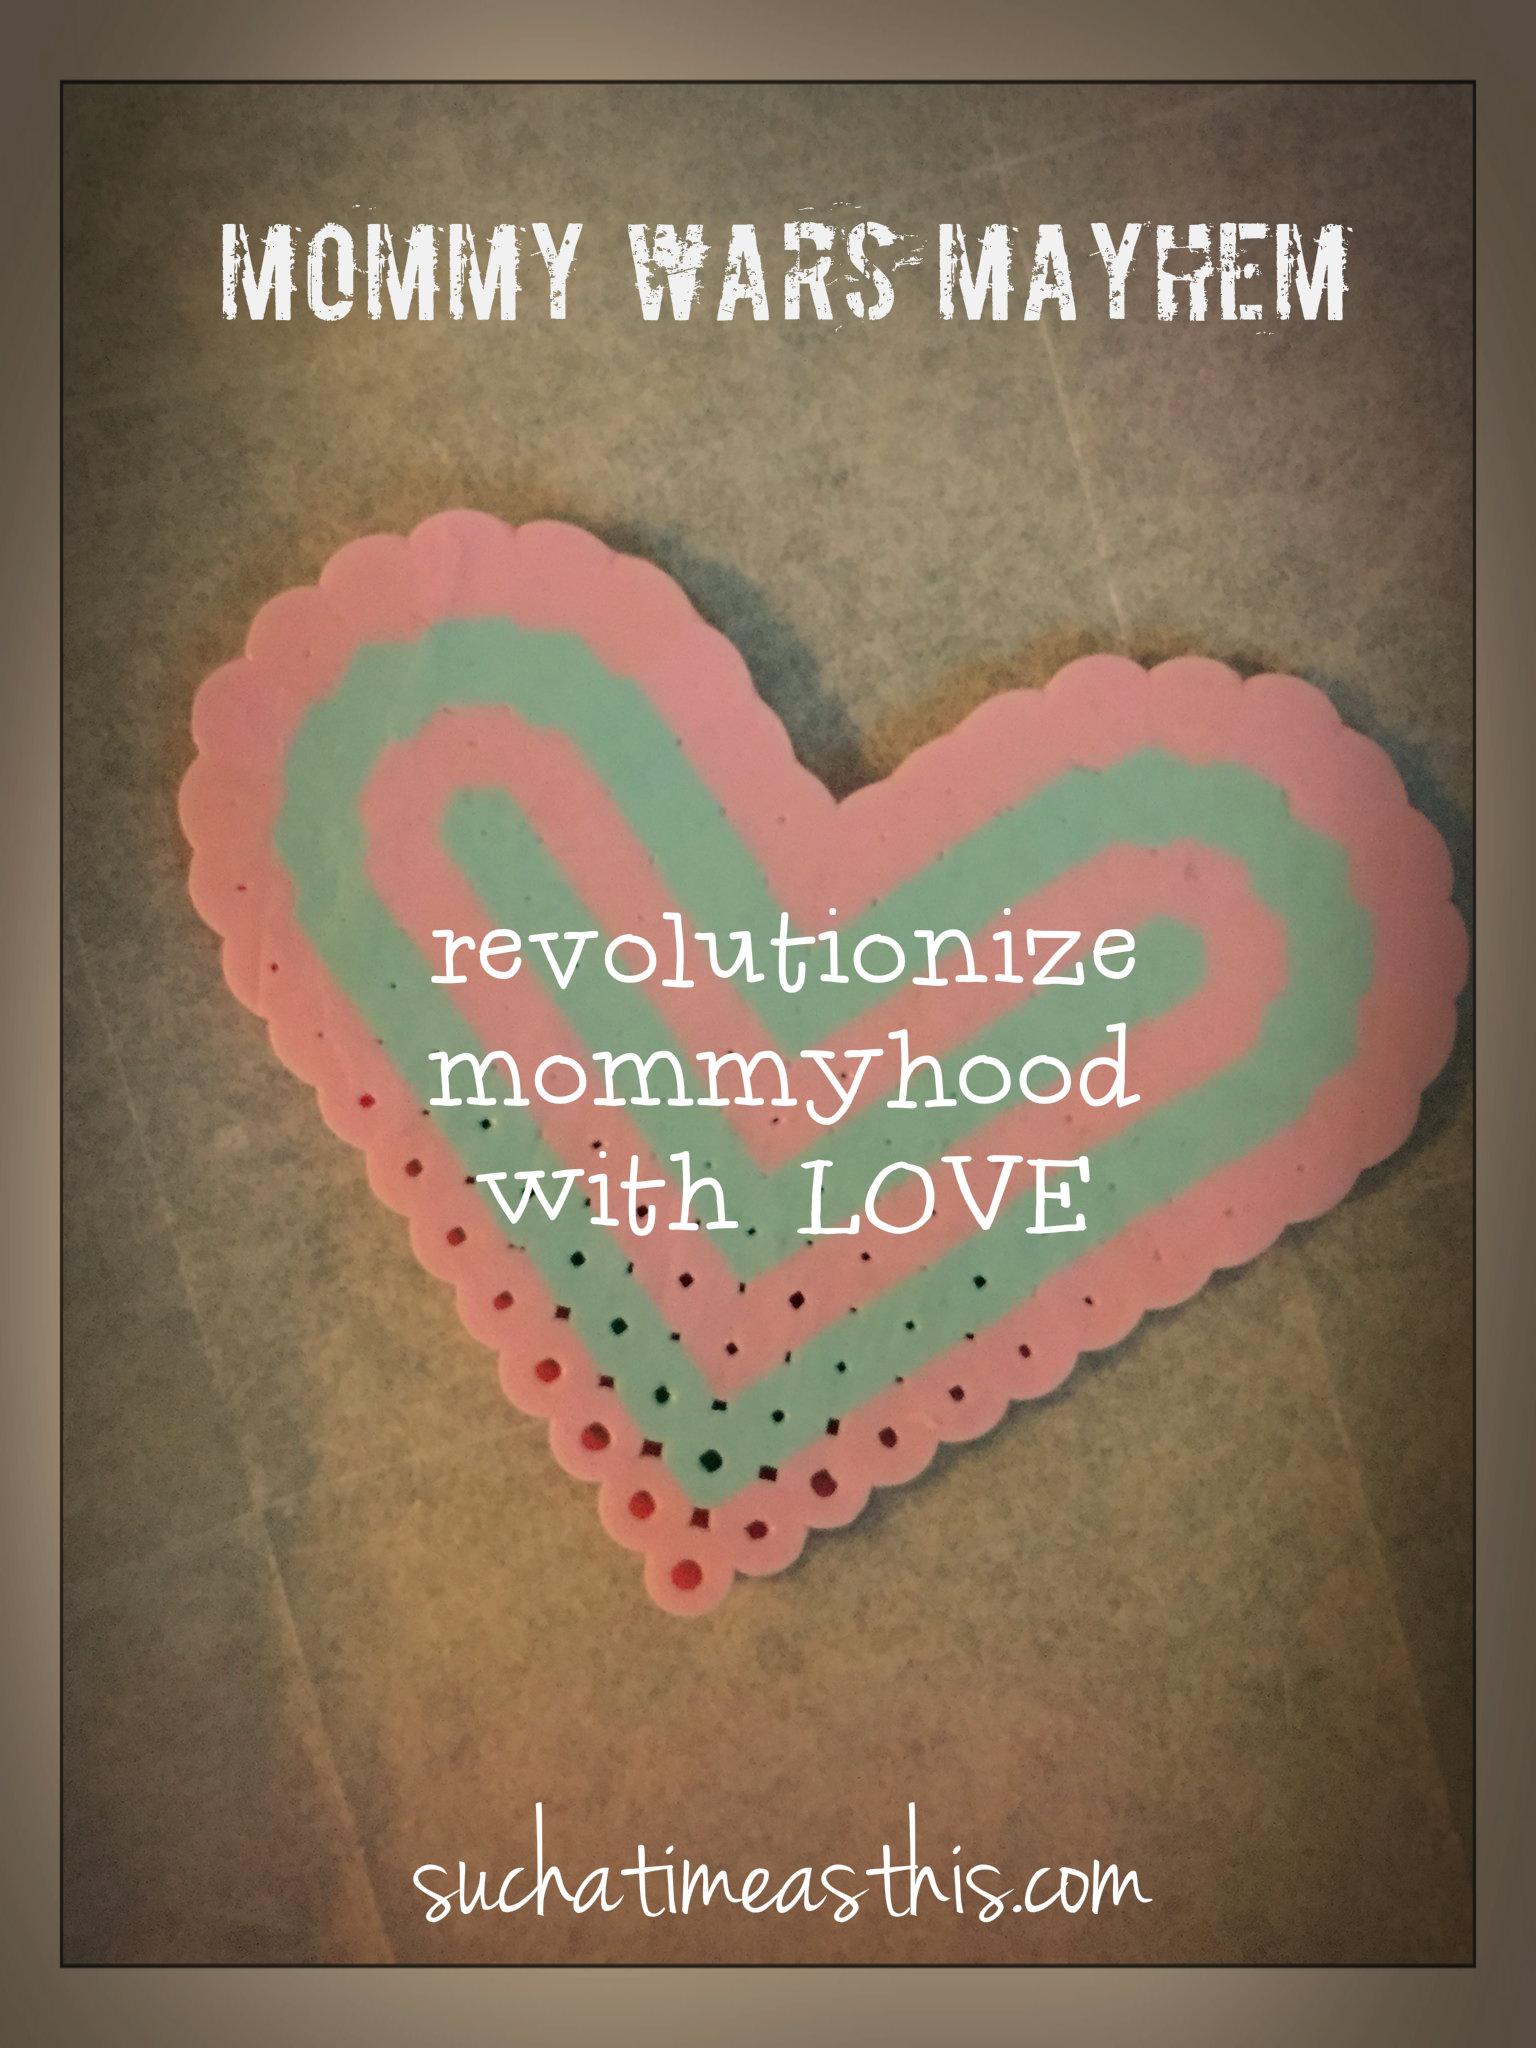 Mommy Wars Mayhem